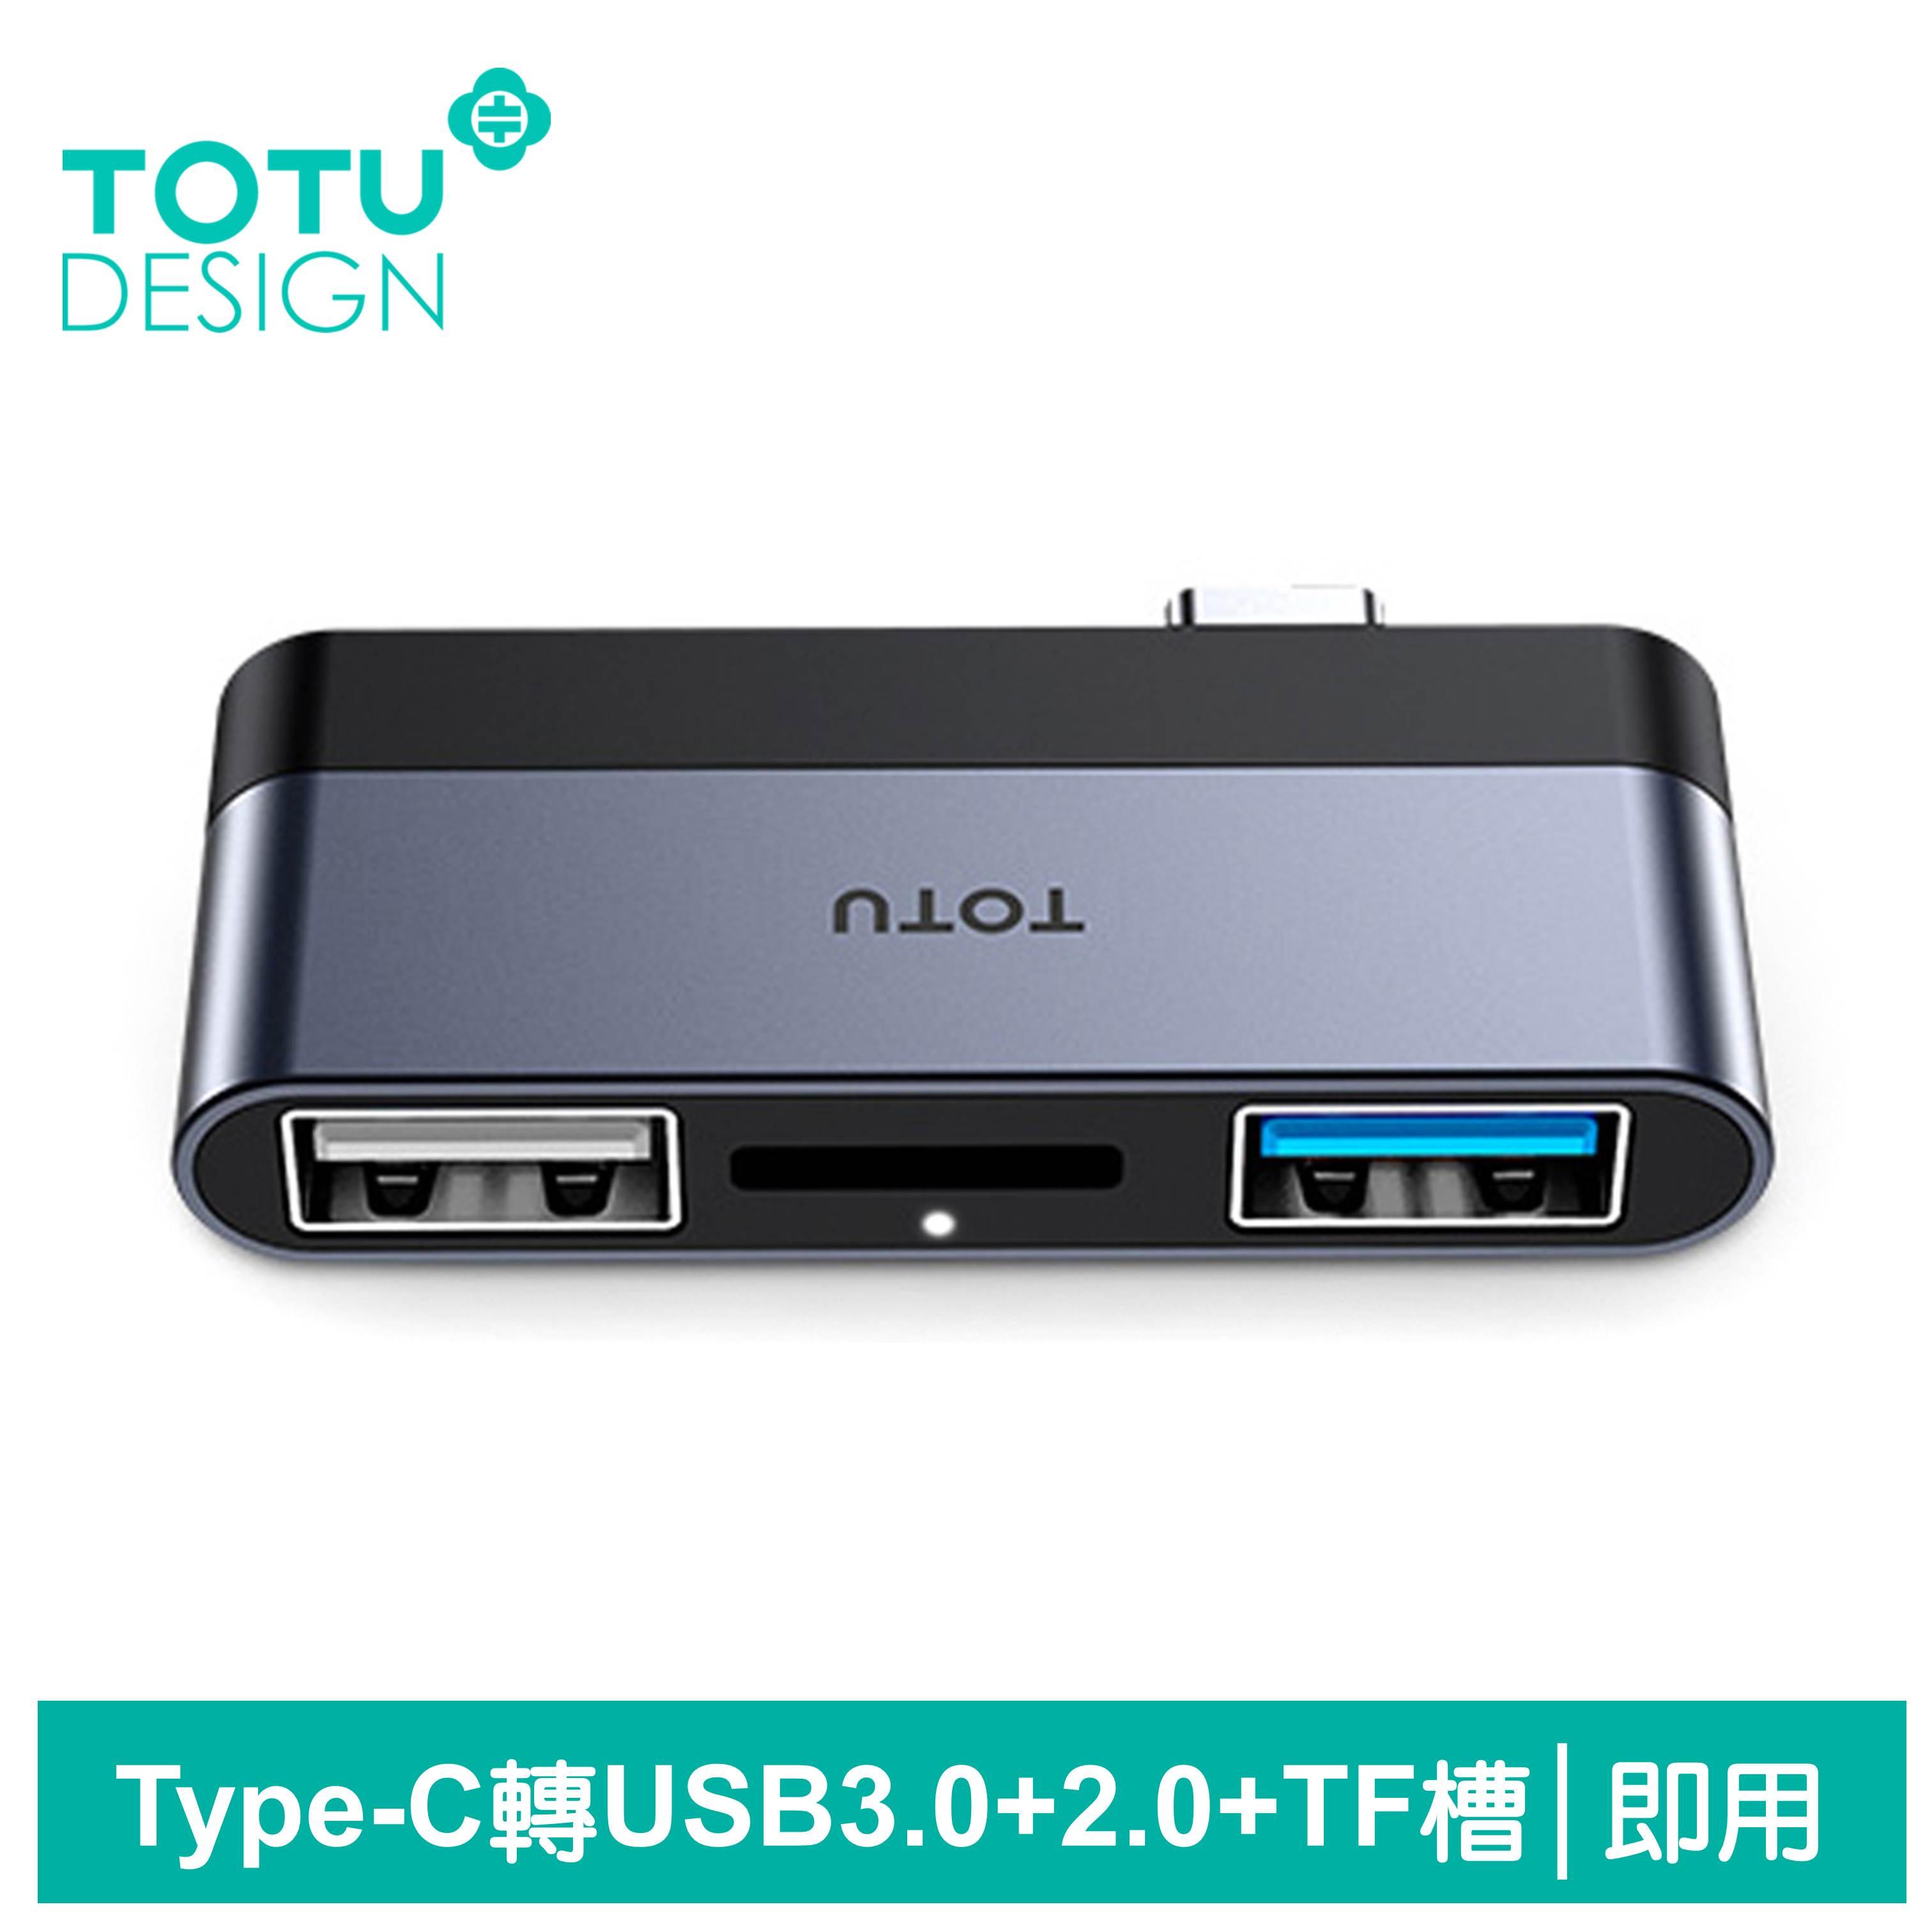 TOTU台灣官方 Type-C 轉接頭 TF USB3.0 USB2.0 轉接器 擴展器 轉接線 拓展塢 玲瓏系列